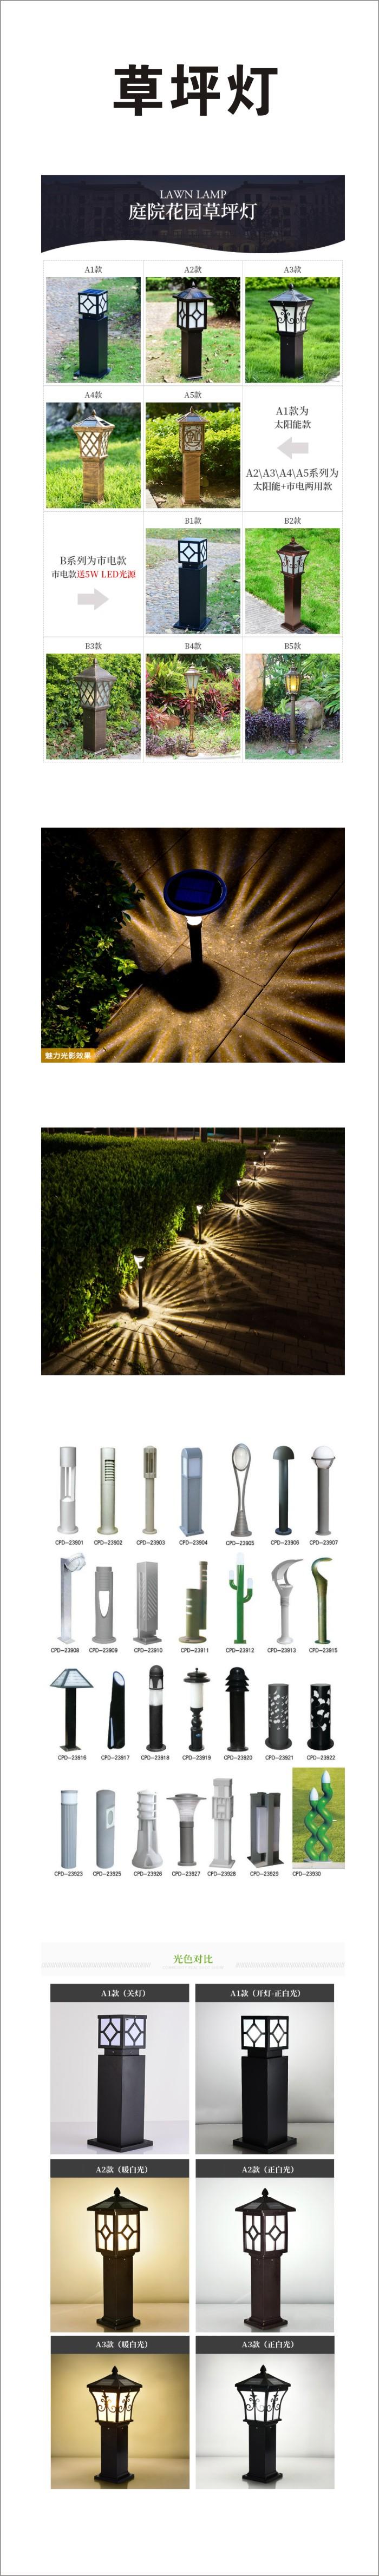 昆明太阳能草坪灯(彝)